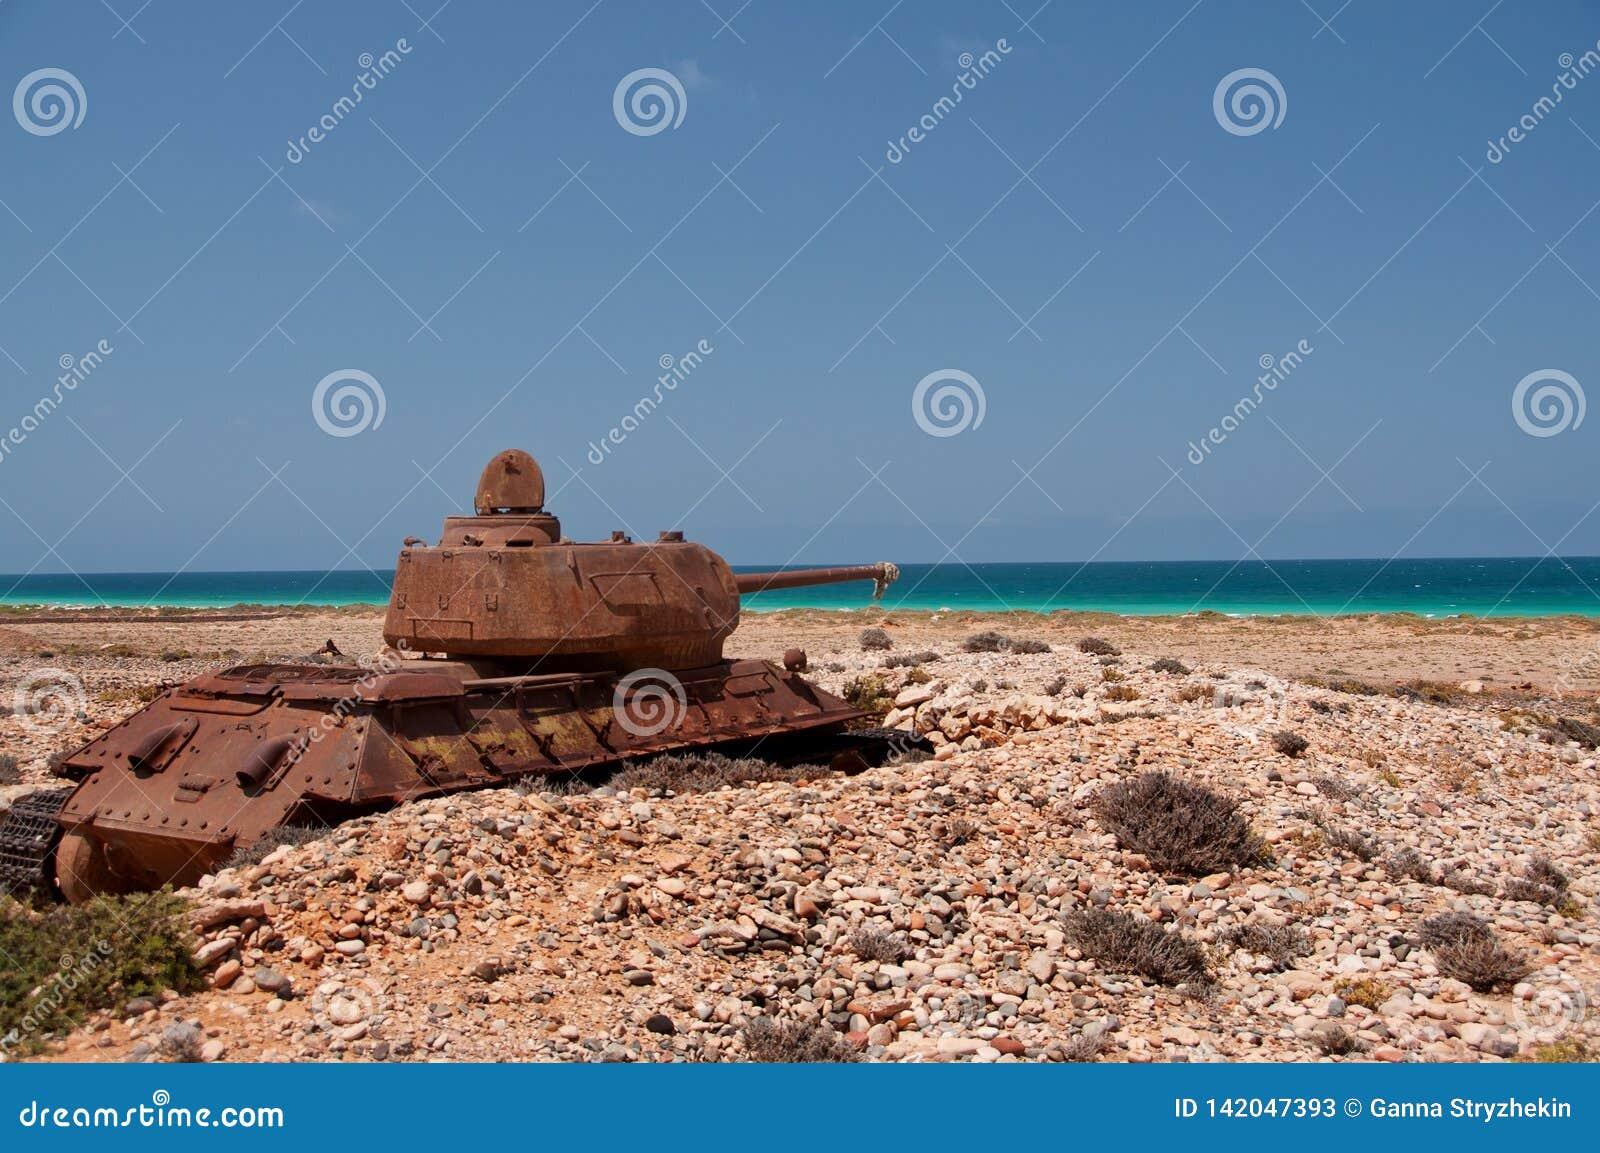 El tanque oxidado viejo abandonado en la orilla de la isla Socotra yemen